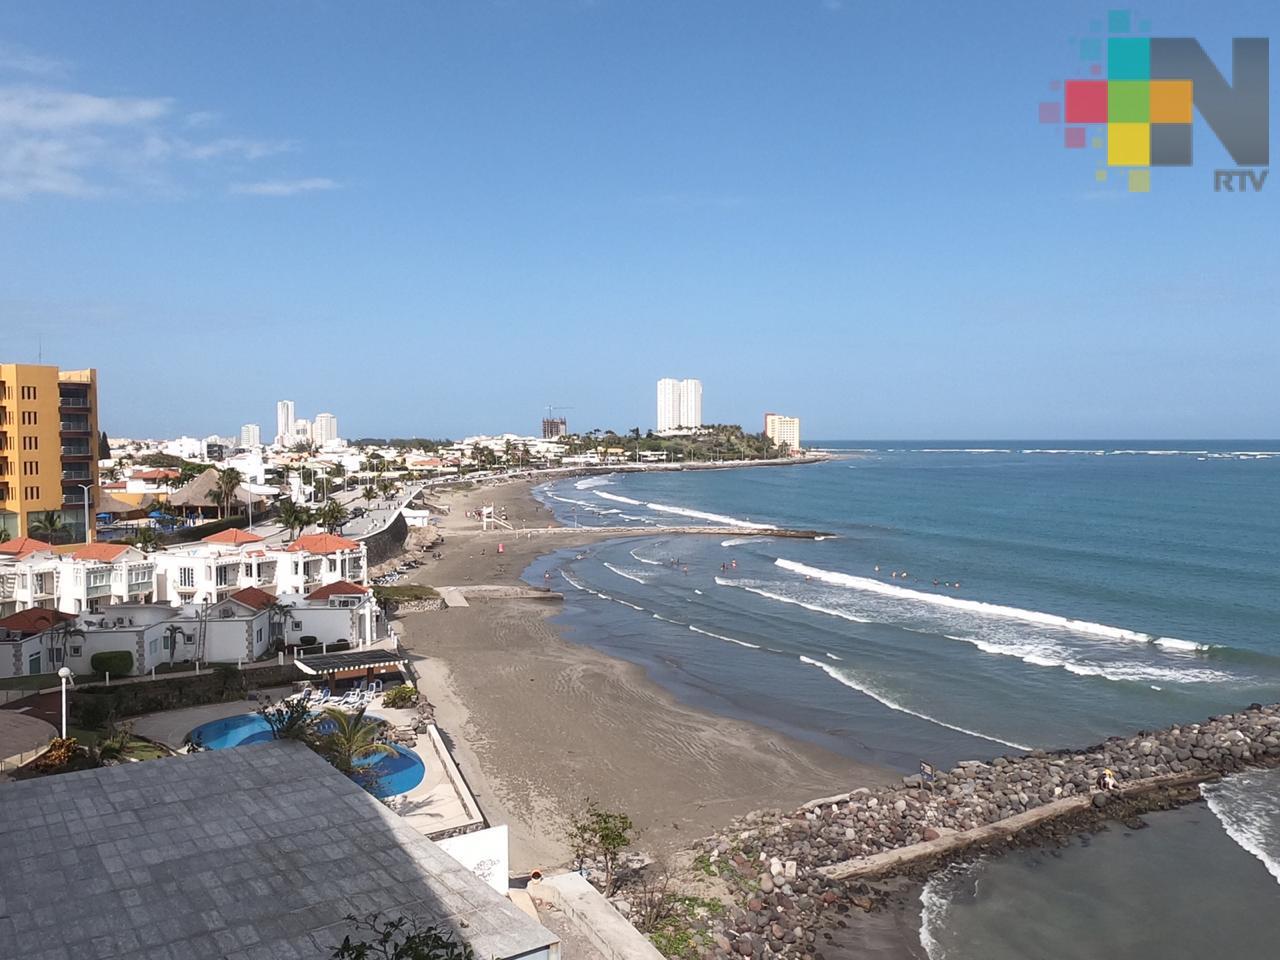 Playas de Veracruz aptas para recibir a vacacionistas en Semana Santa